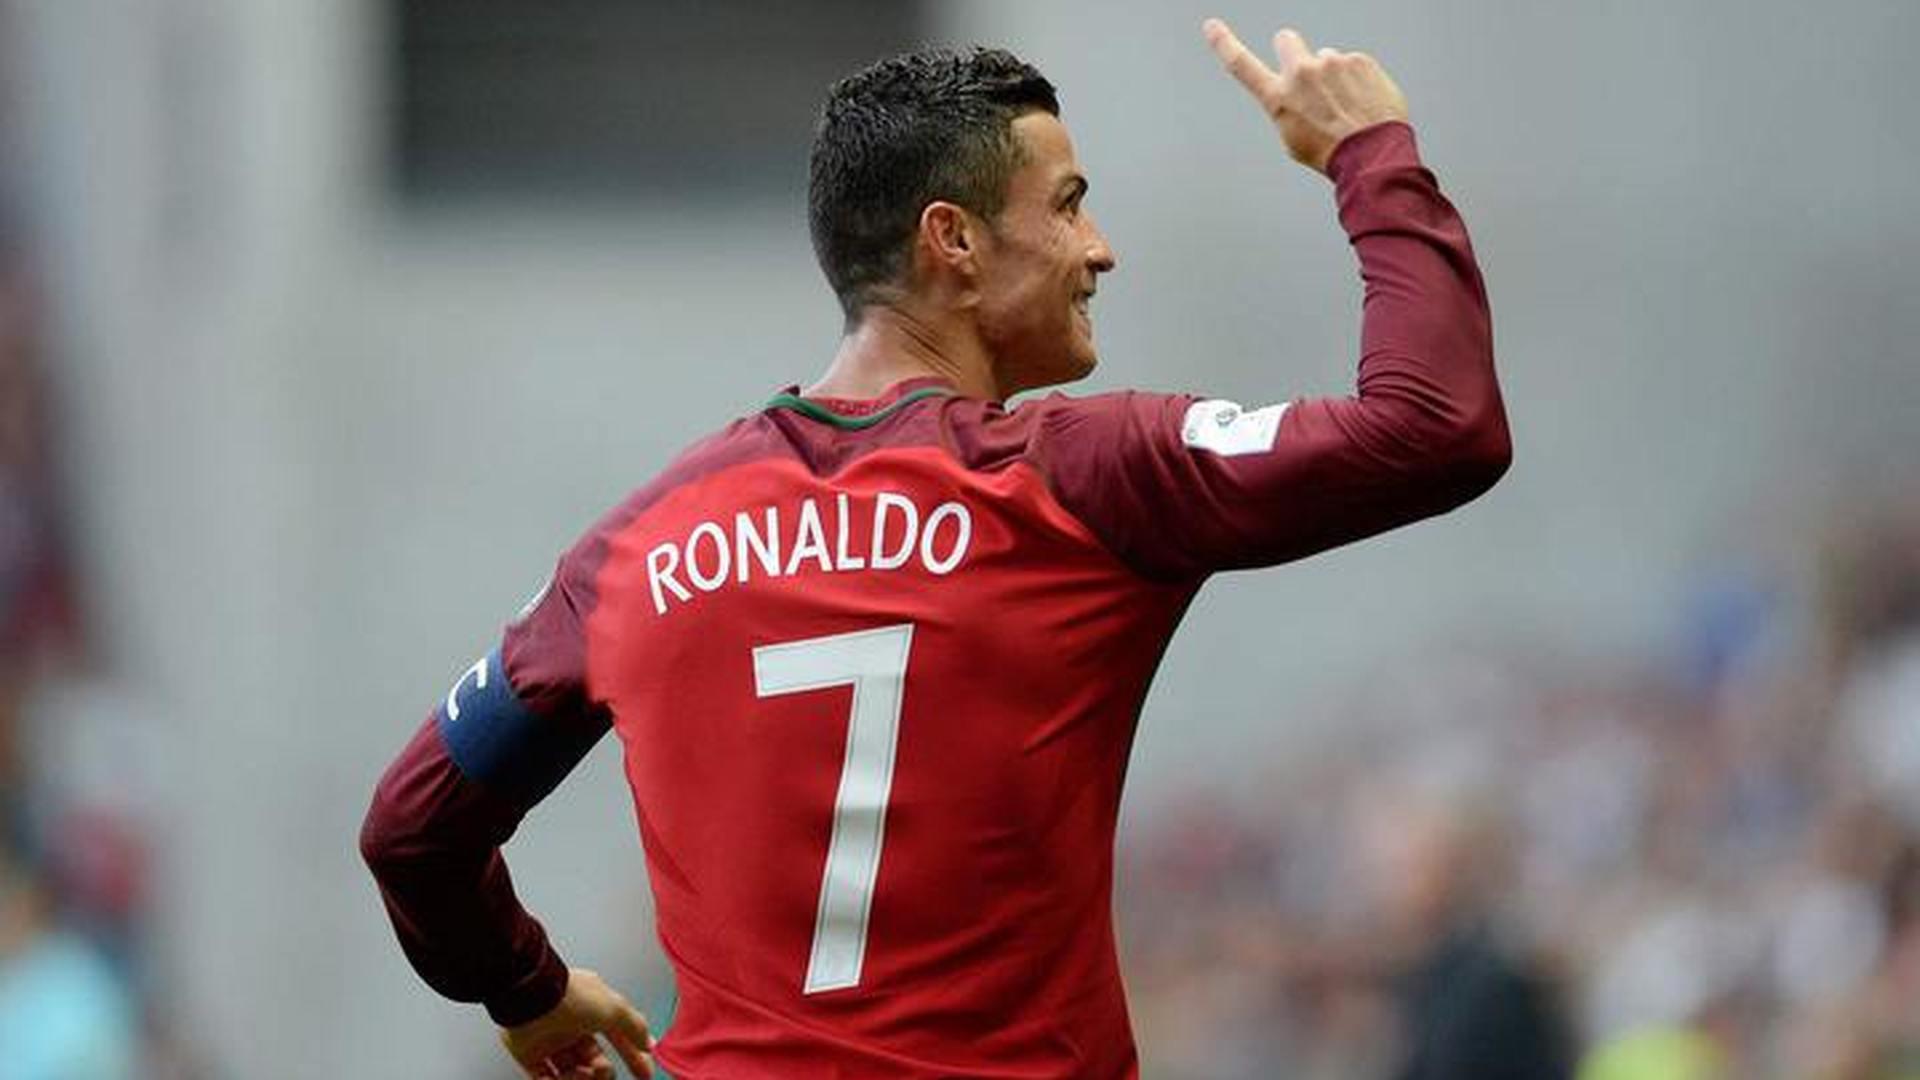 Криштиану Роналду забил самый быстрый гол нынешнего чемпионата мира